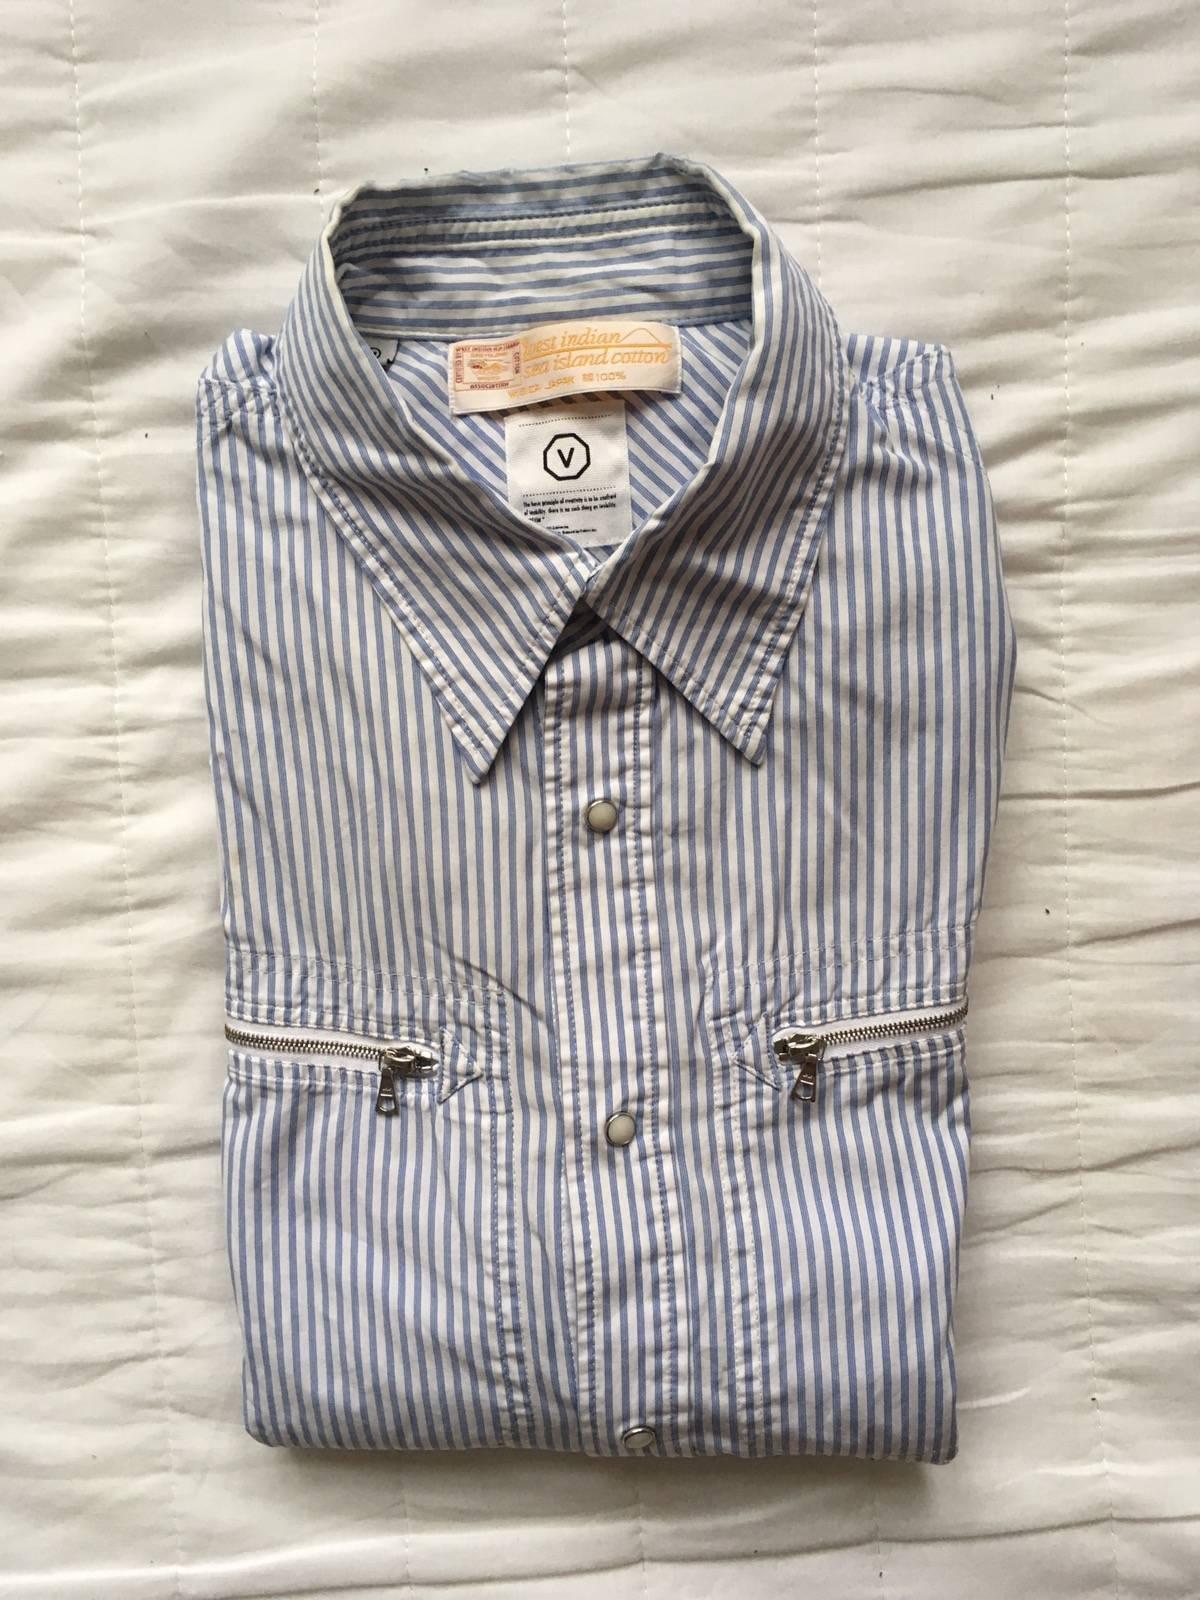 Visvim West Indian Sea Island Cotton Striped Zip Pocket Shirt Size